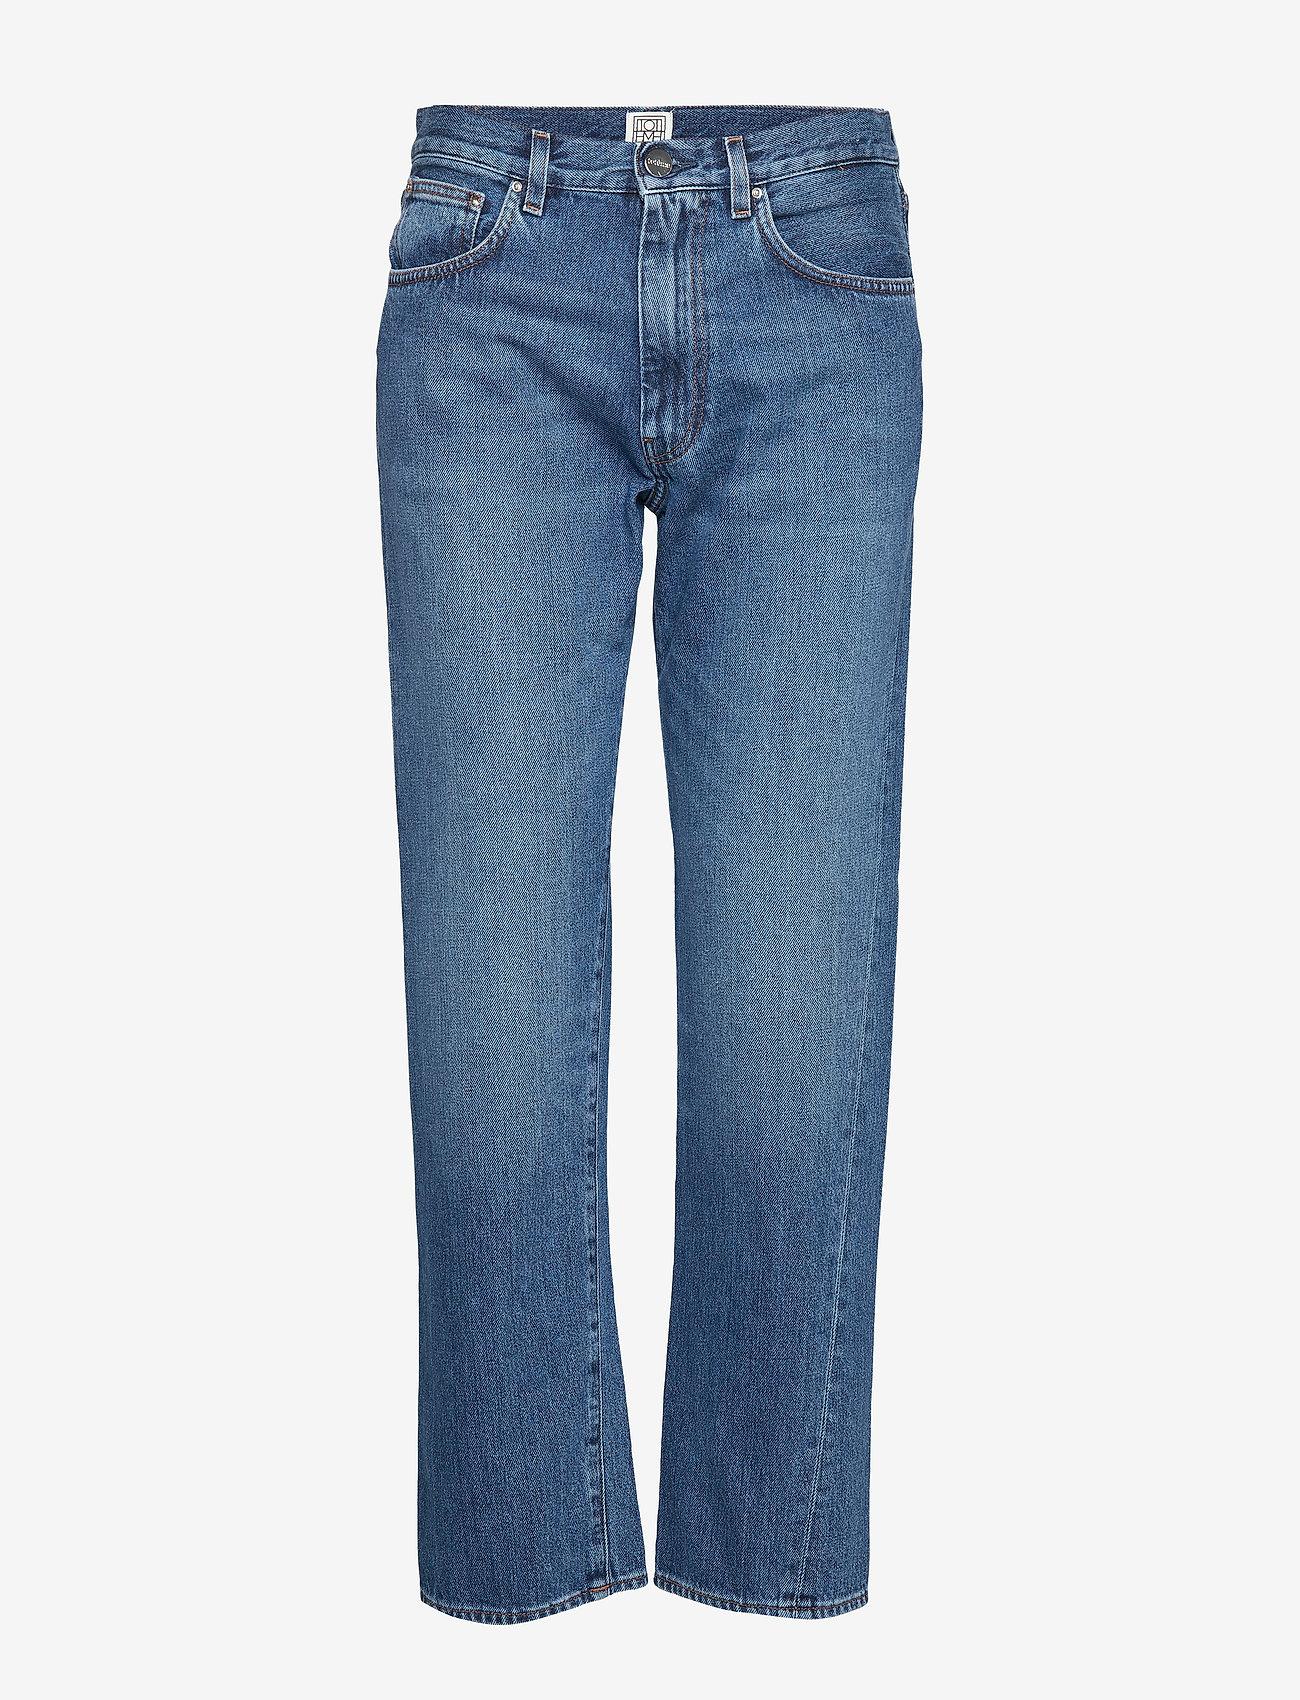 Totême - ORIGINAL DENIM - straight jeans - washed blue 405 - 0